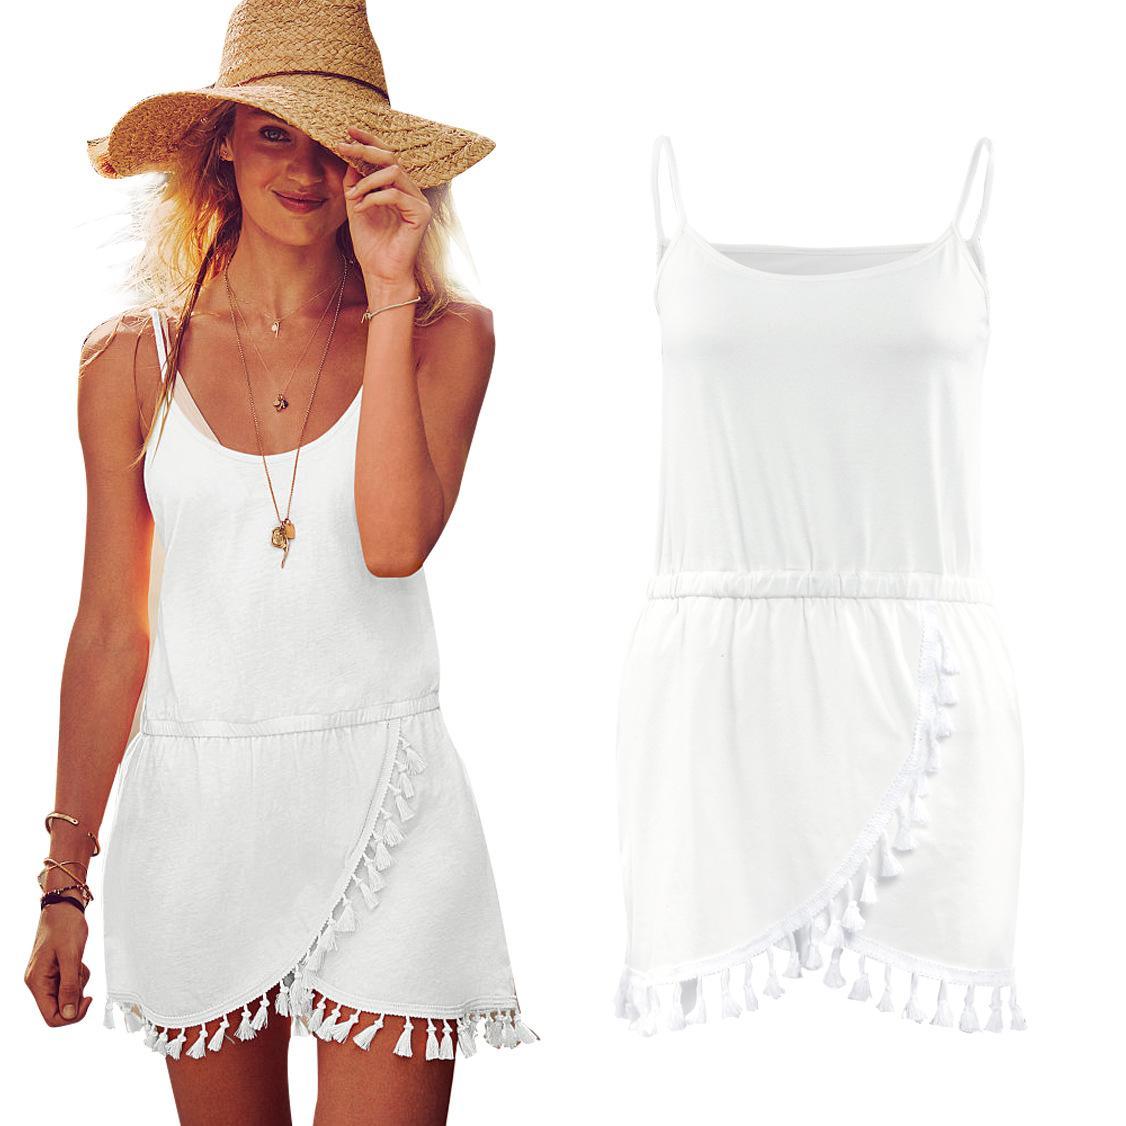 2016 새 여름 캐미솔 치마 Tassels 불규칙한 맥시 드레스 긴 소매 의류 숙녀 염가 작업 데님 여성 여성 Bodycon Dresses